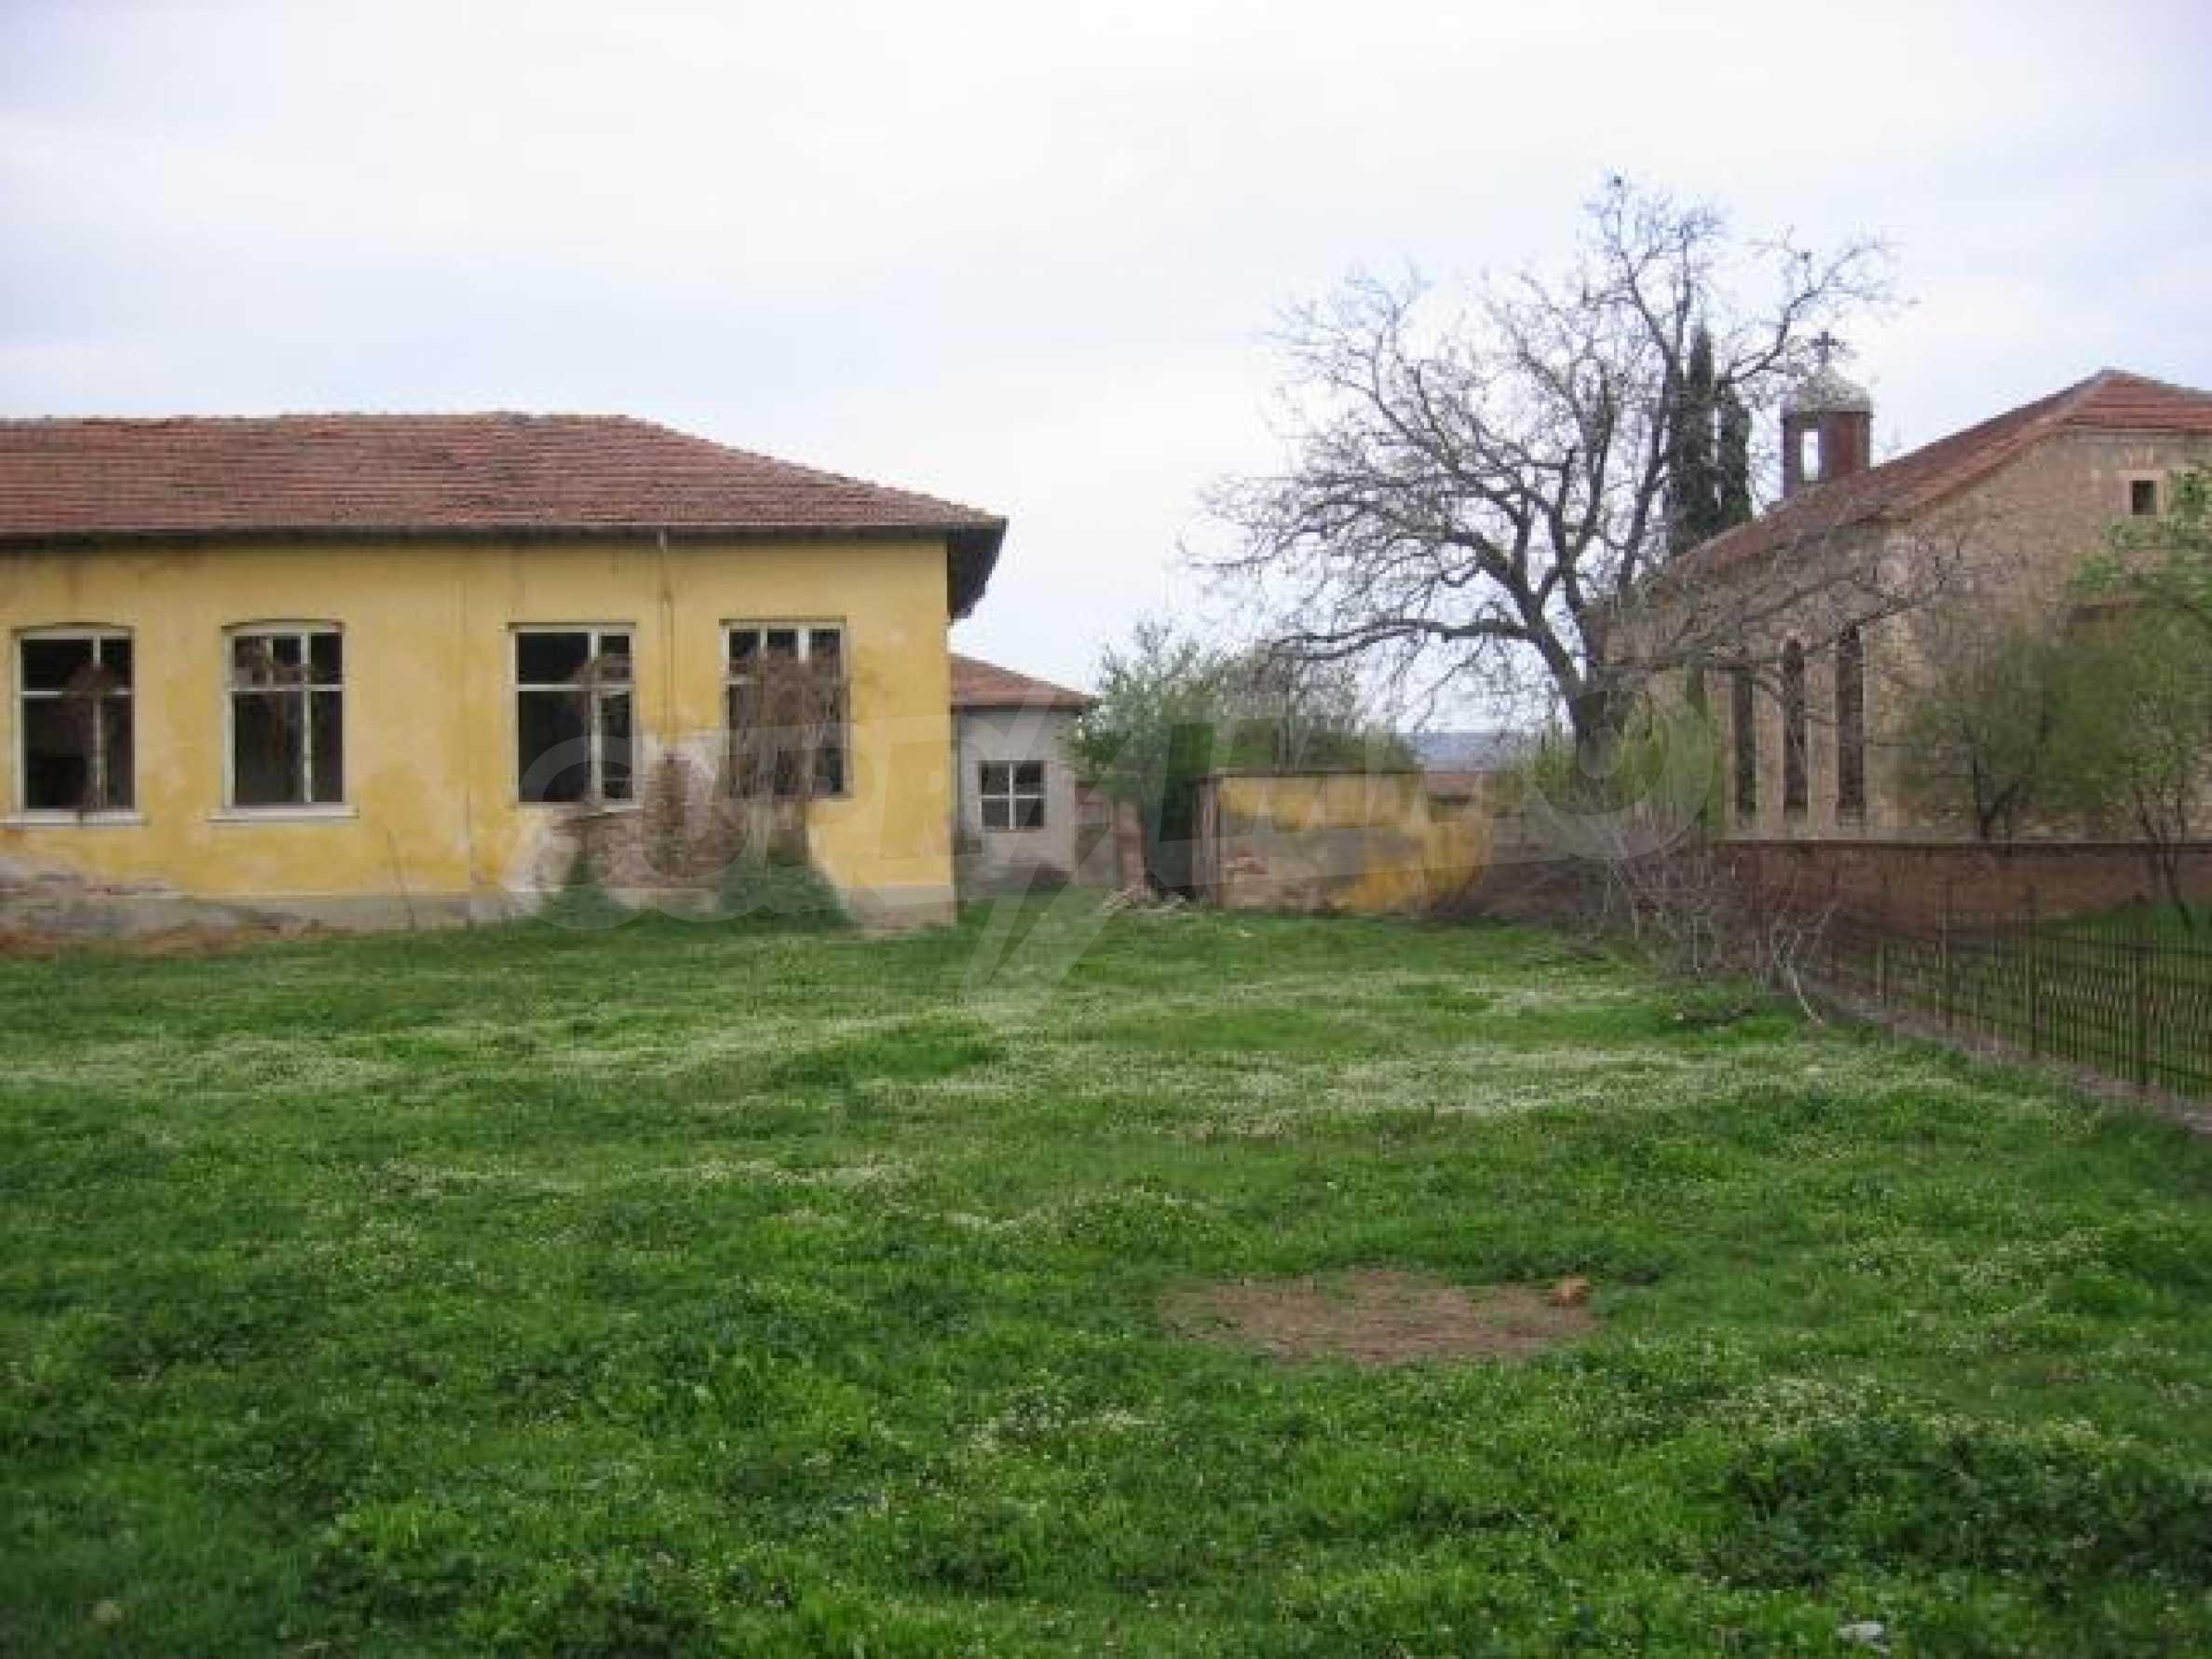 Другой тип недвижимости вблизи г. Хасково 5